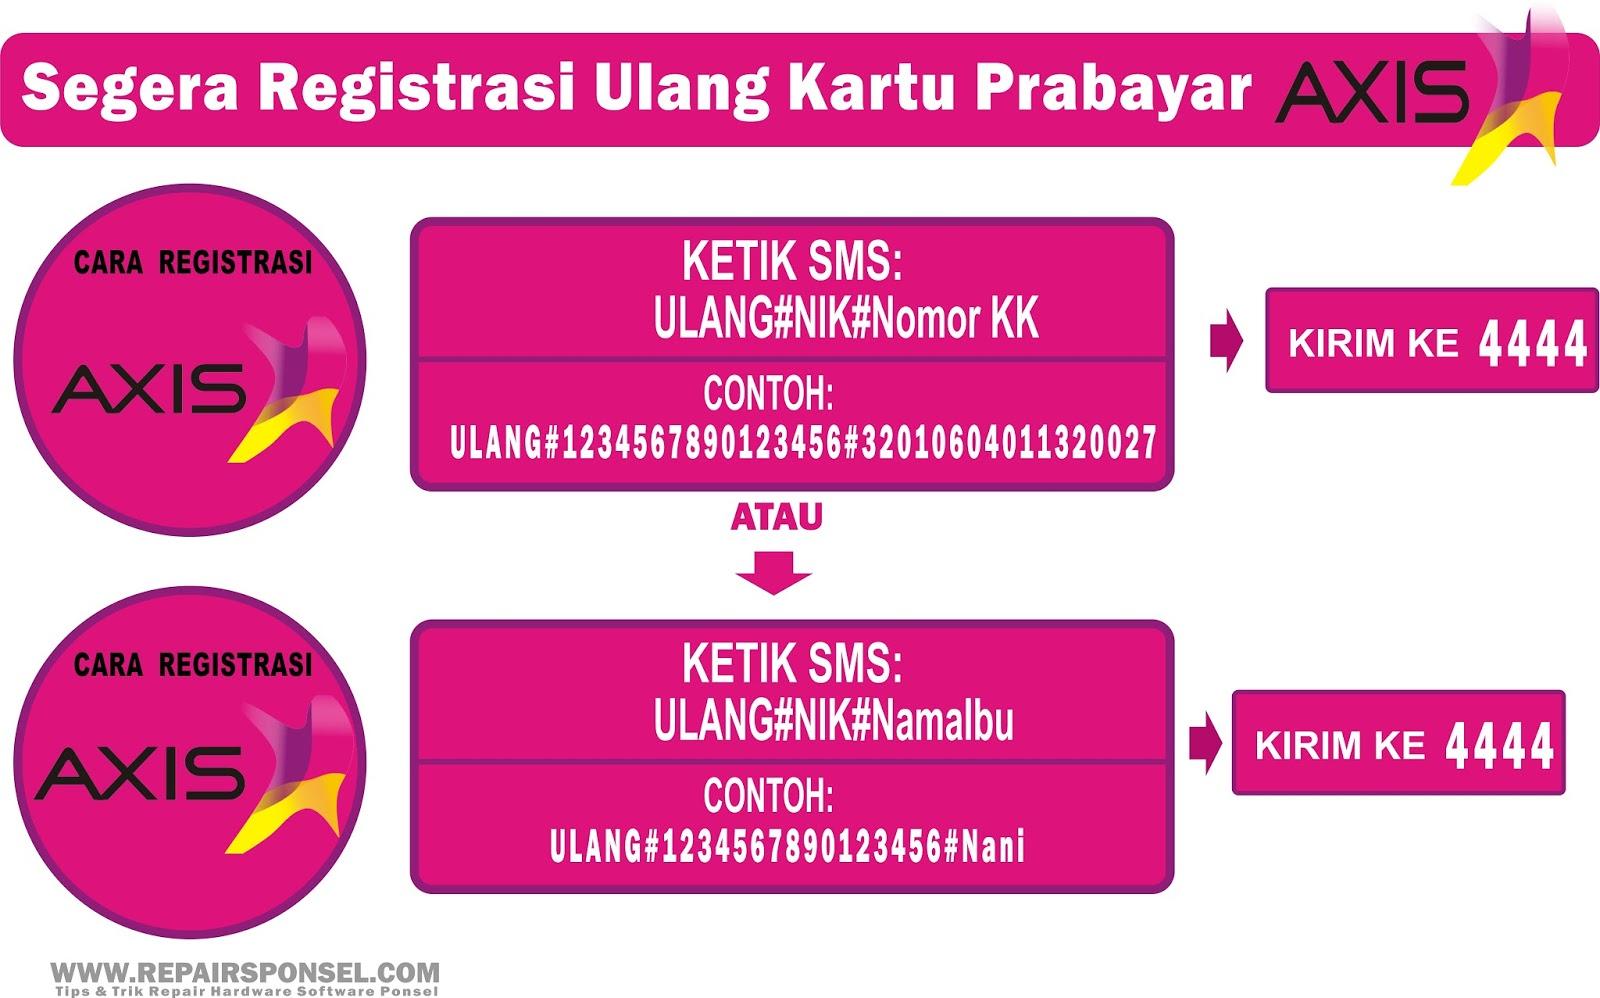 Cara Registrasi Ulang Kartu Prabayar Sesuai KTP dan KK  Repairs Ponsel